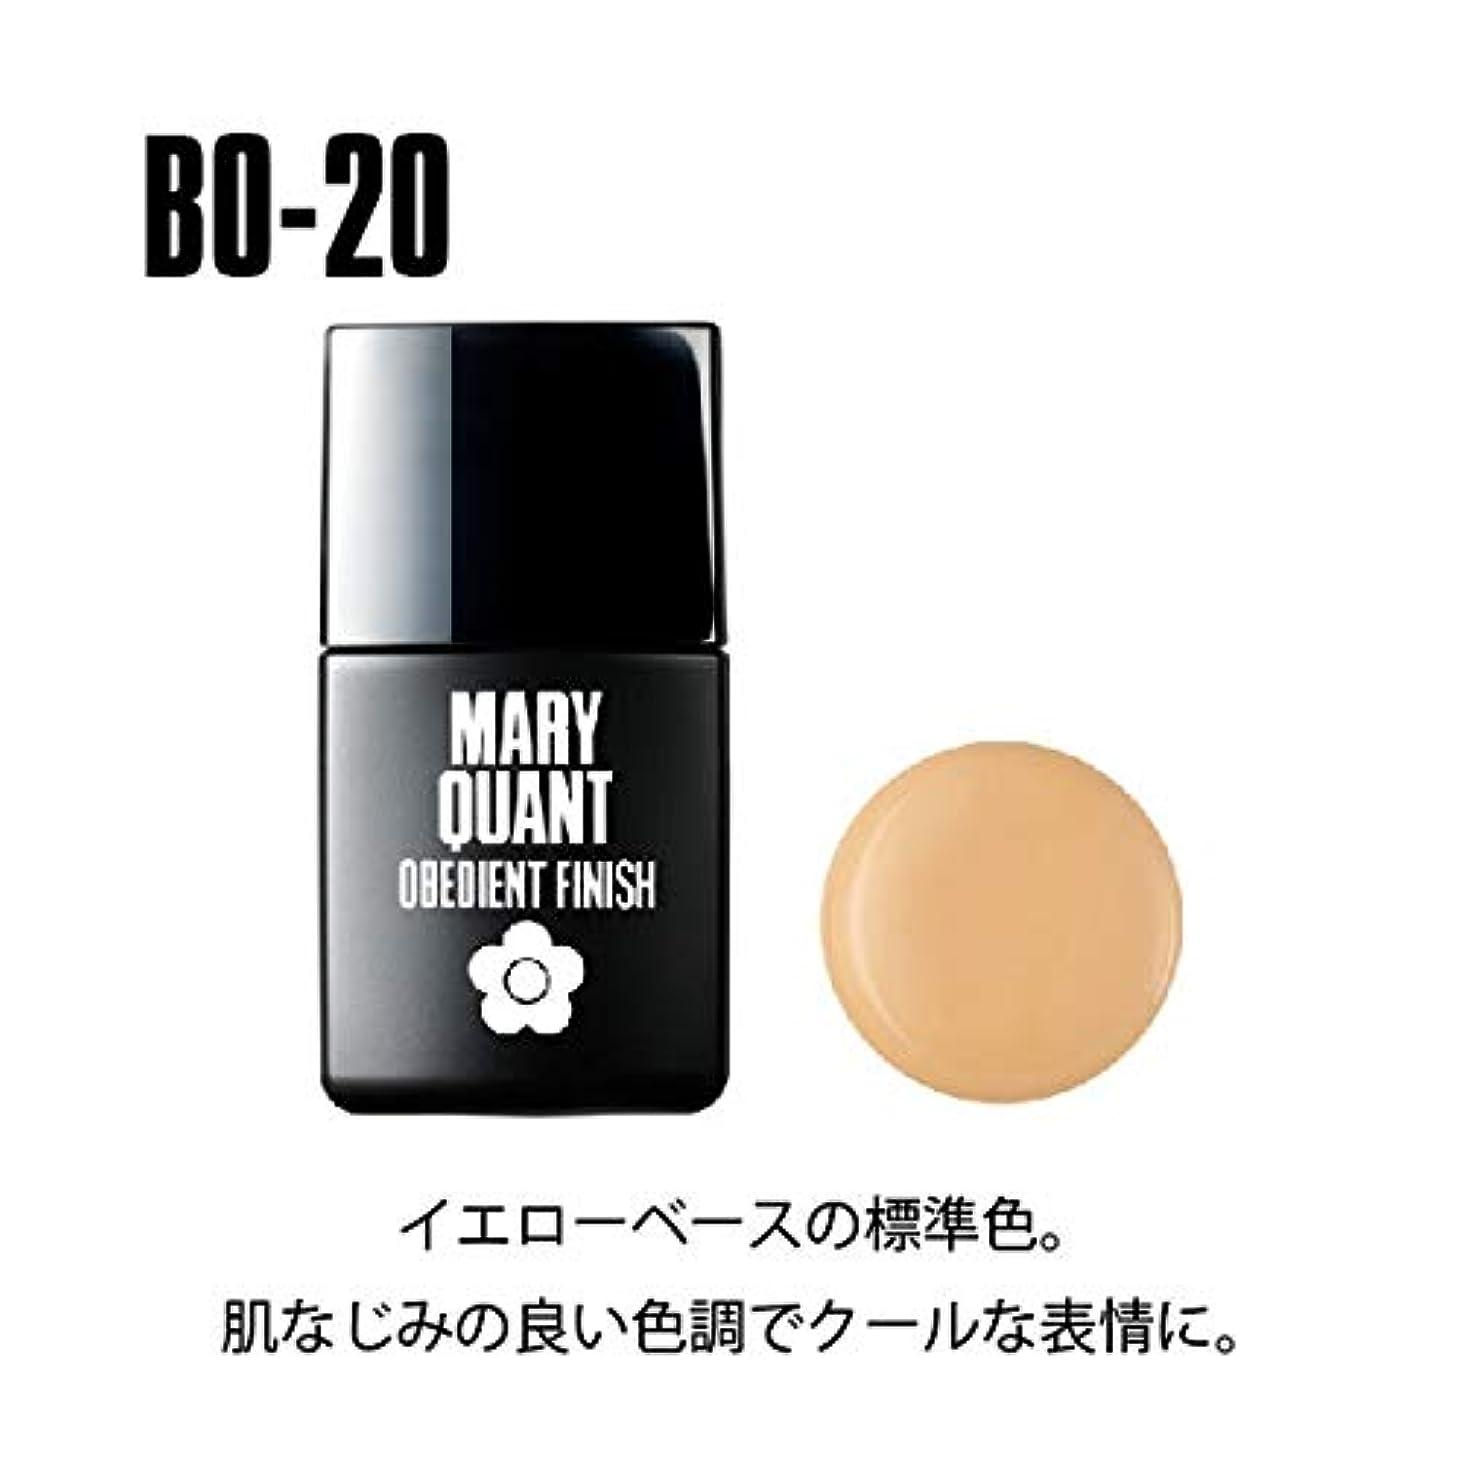 新着収縮ピースマリークヮント(MARY QUANT) オビーディエント フィニッシュ <リキッドファンデーション> SPF20 PA++【BO-20(ベージュオークル)/**】